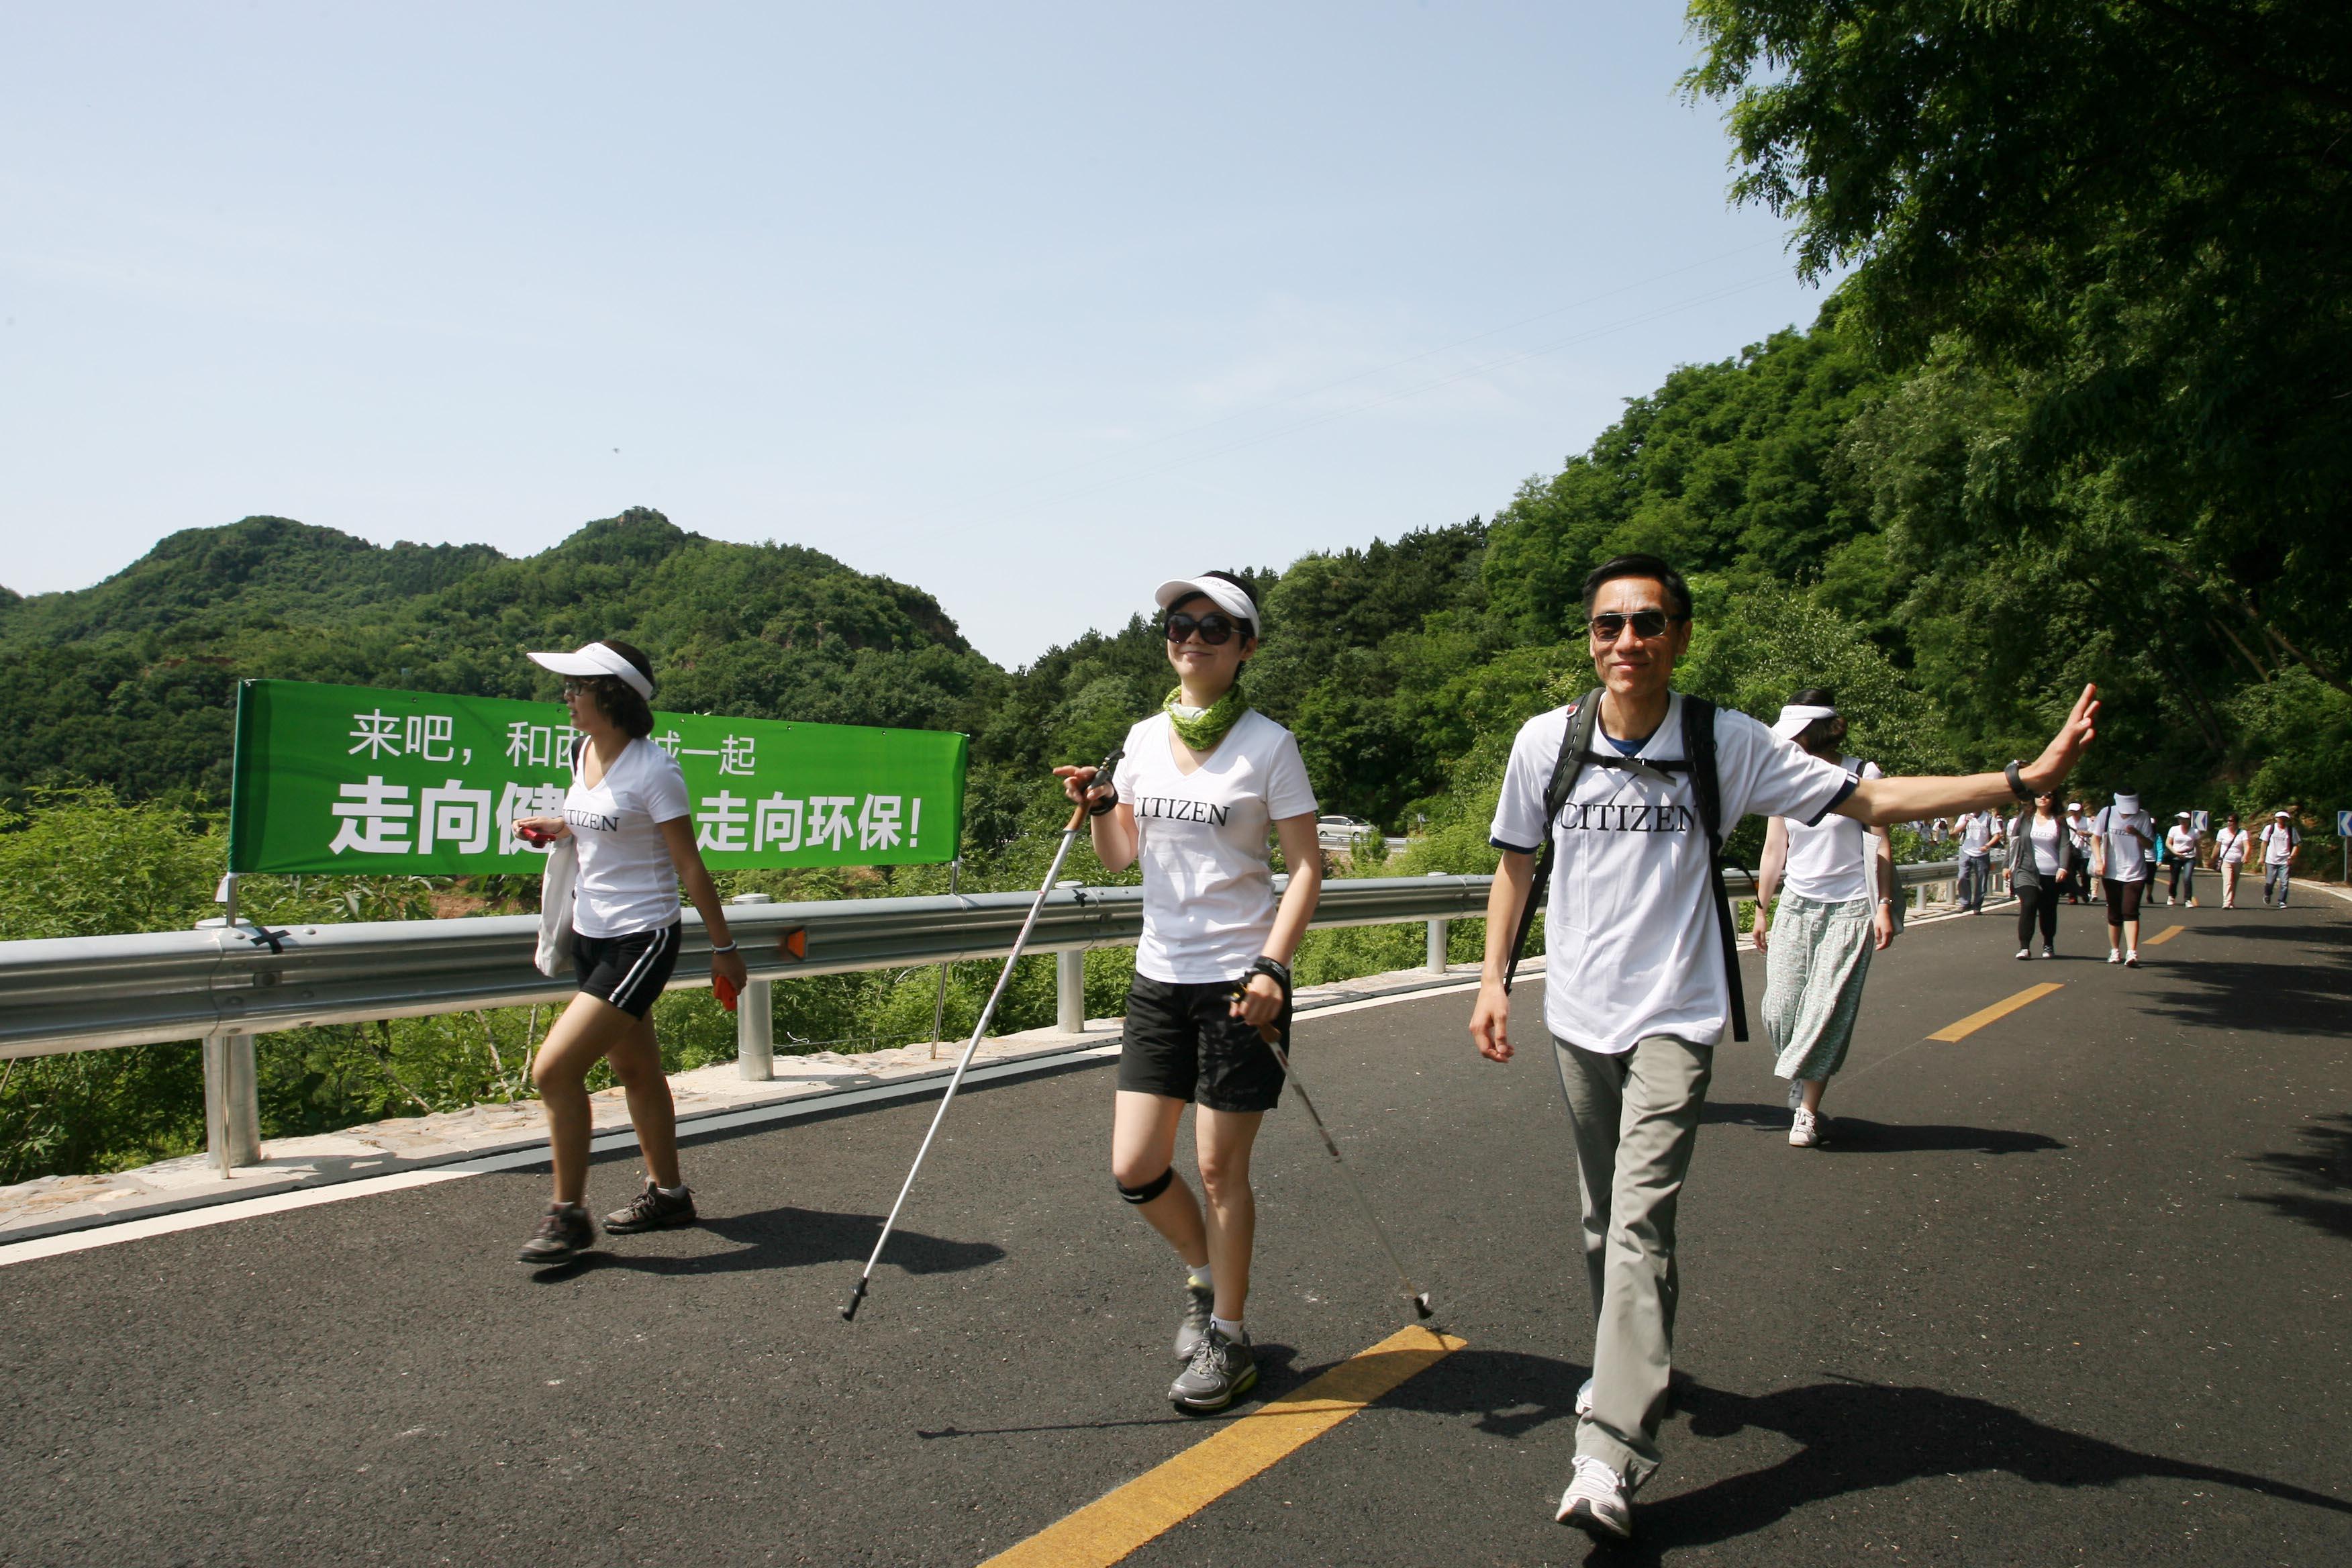 绿色 卢健生/文怡、卢健生参加西铁城2012年公益行走活动